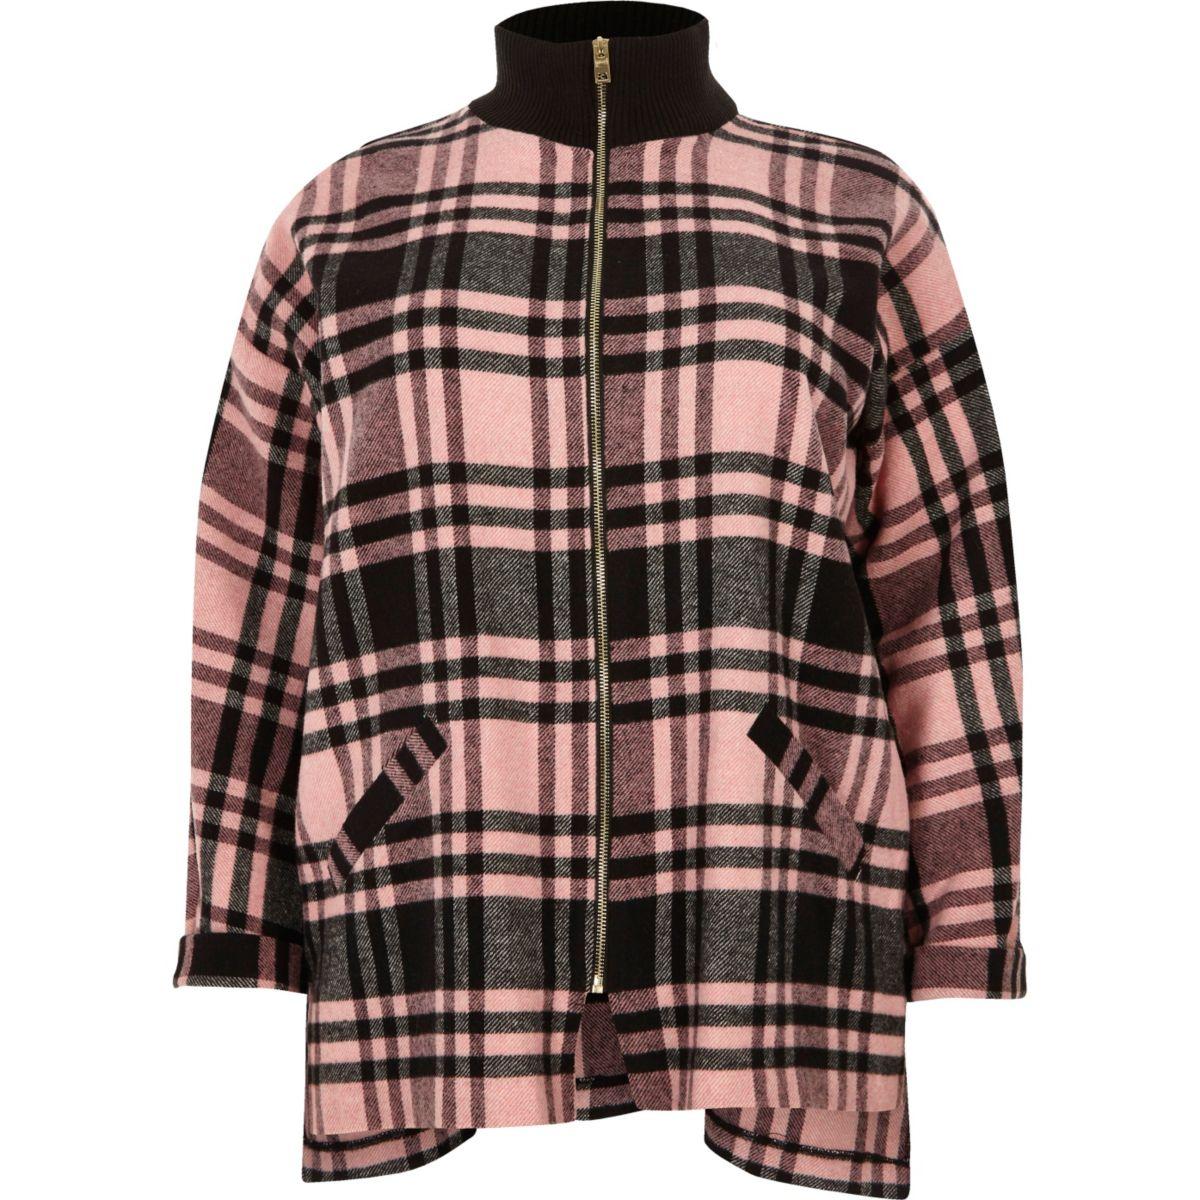 Veste chemise Plus à carreaux rose zippée